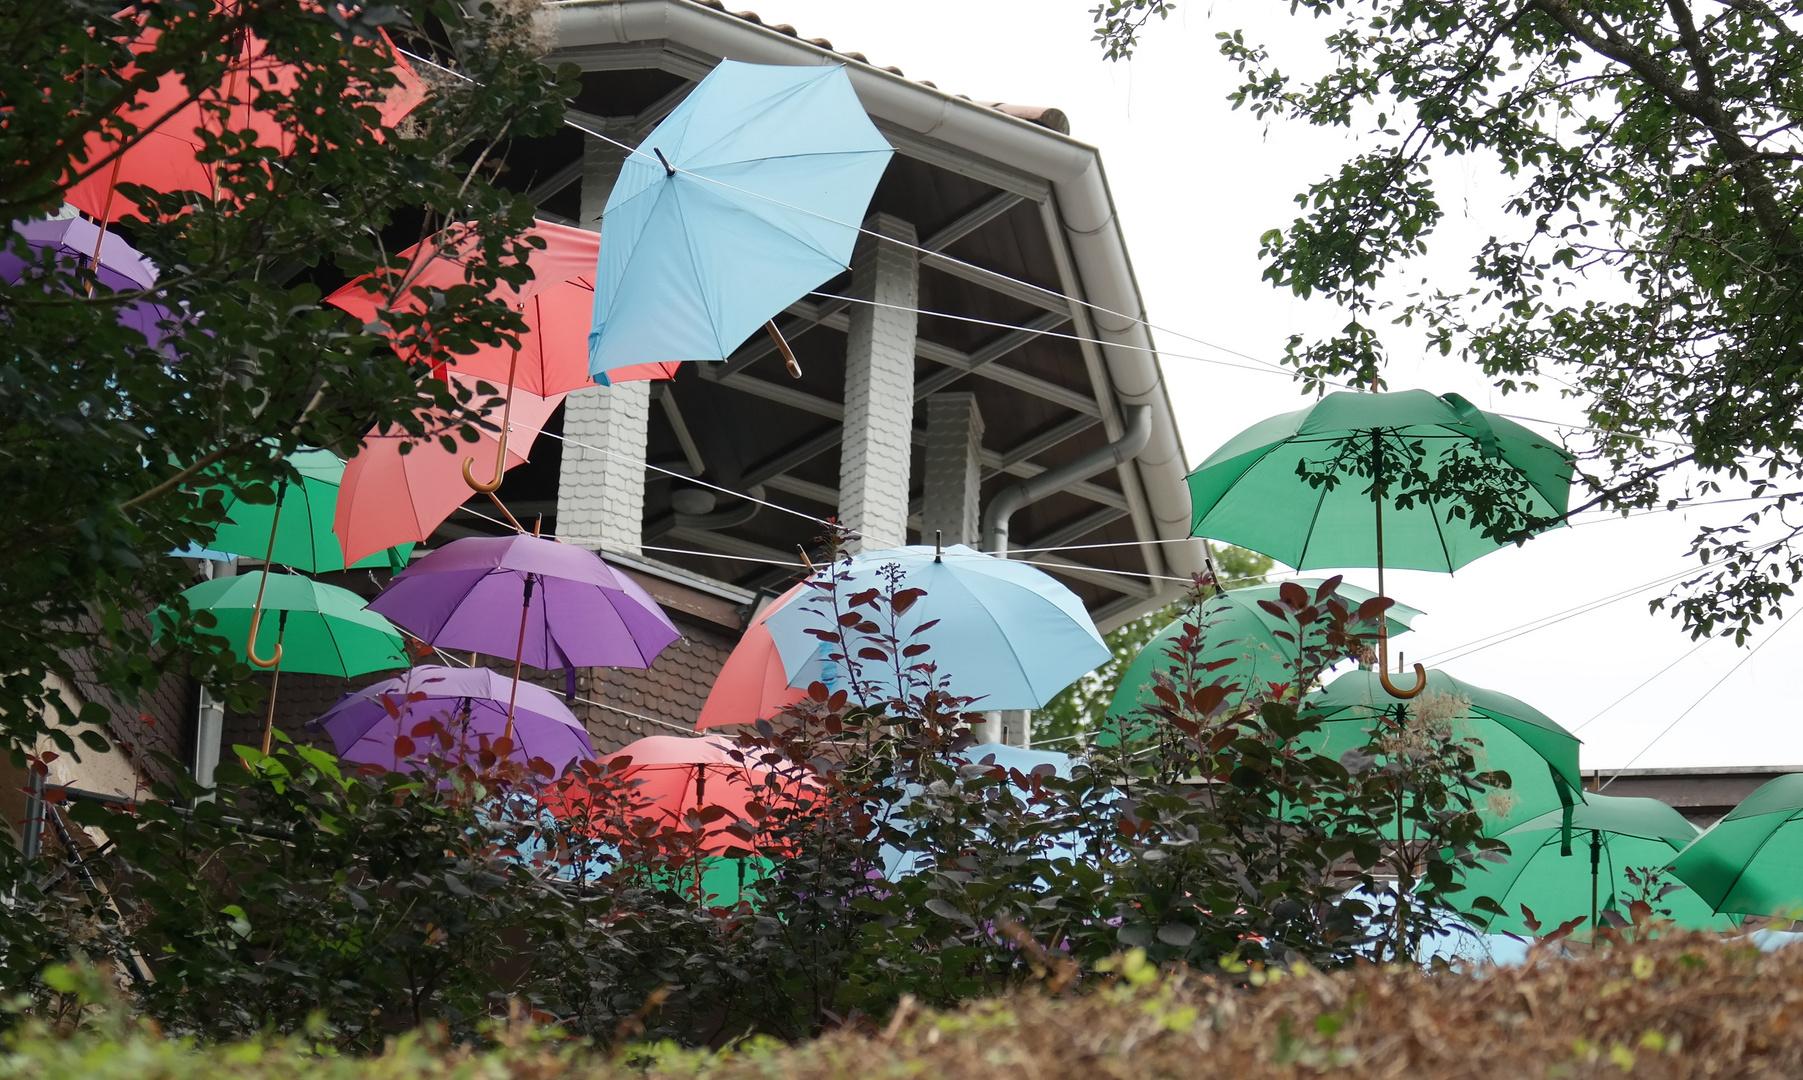 Viele Schirme am letzten, sehr warmen Sommertag 2017